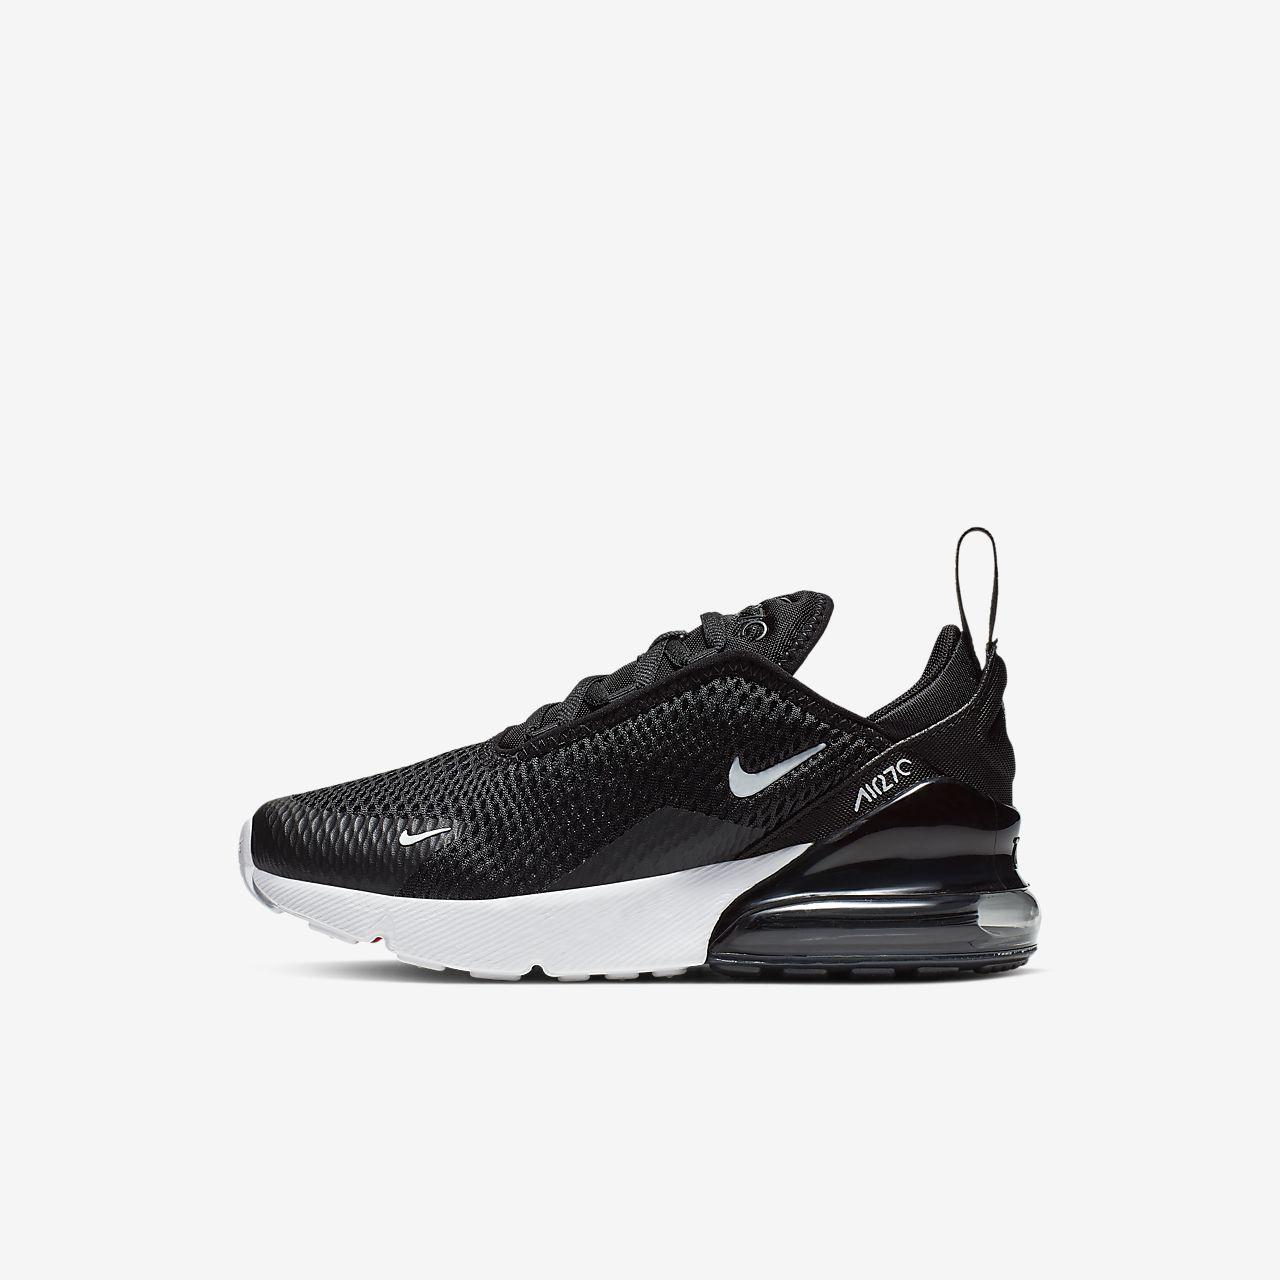 new concept 85c30 2071d ... Nike Air Max 270-sko til små børn